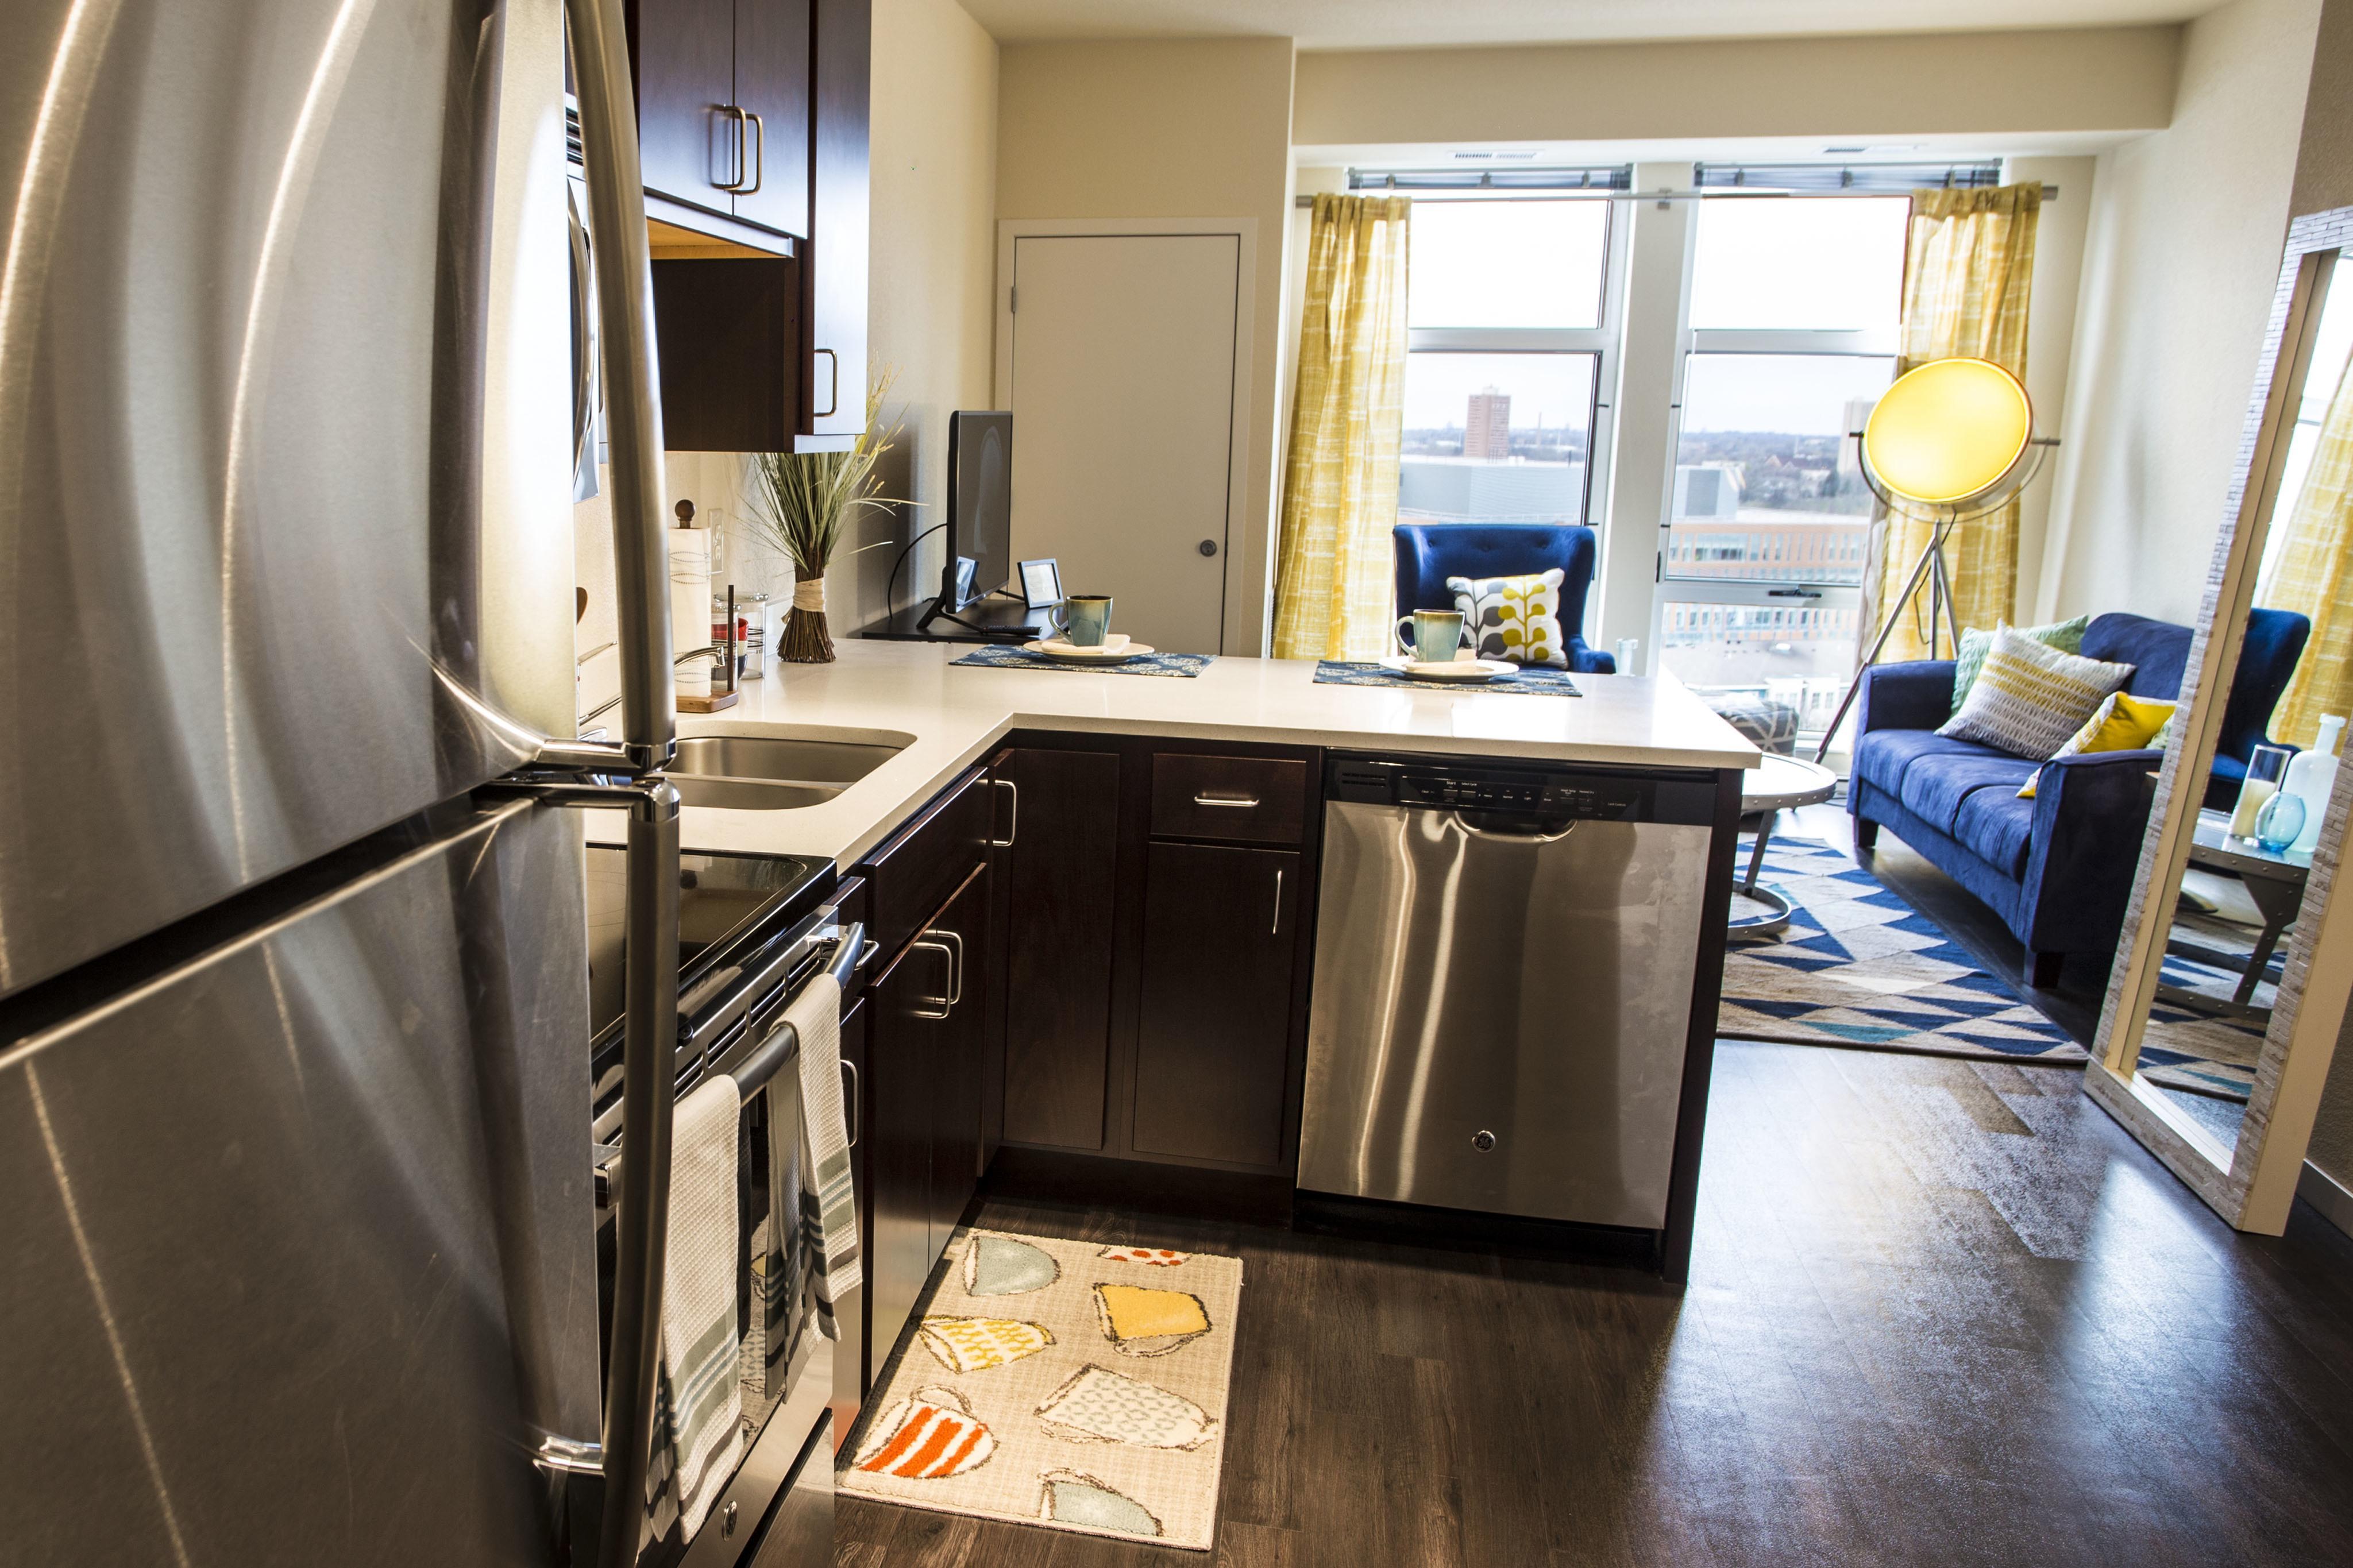 WaHu Apartments image 2